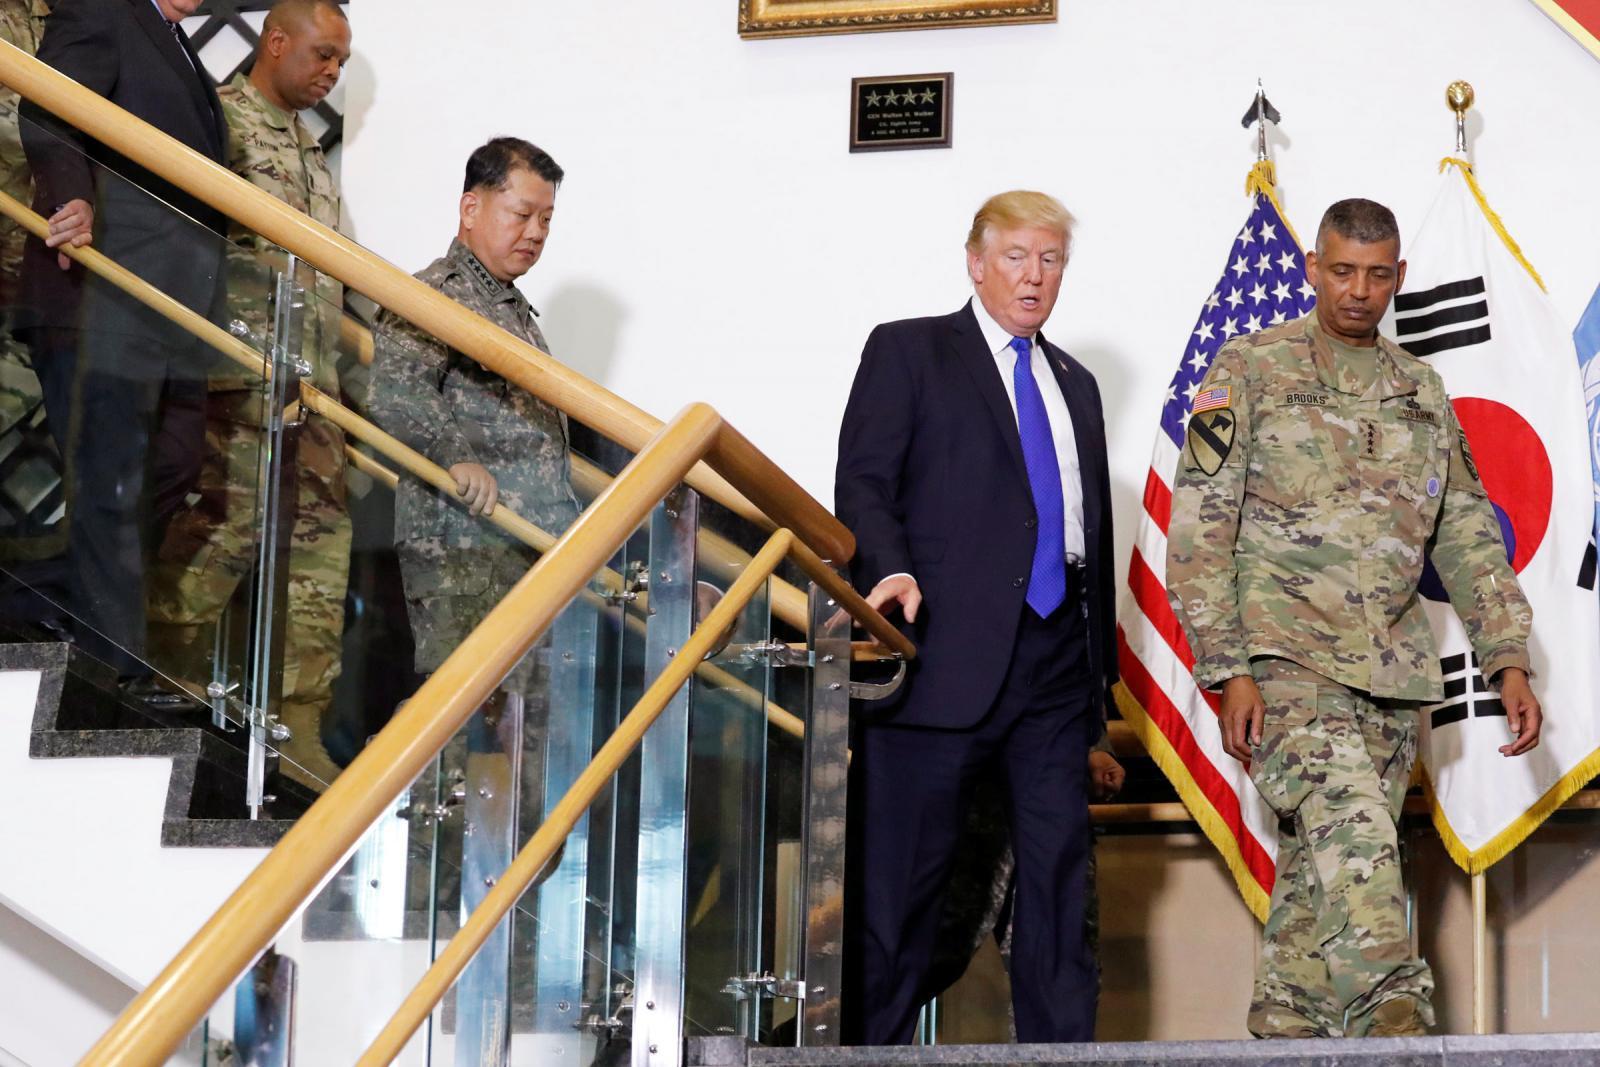 """""""ทรัมป์"""" ขู่โสมแดงหน้าบ้าน """"สหรัฐฯพร้อมใช้กำลังทหารหากจำเป็น"""""""